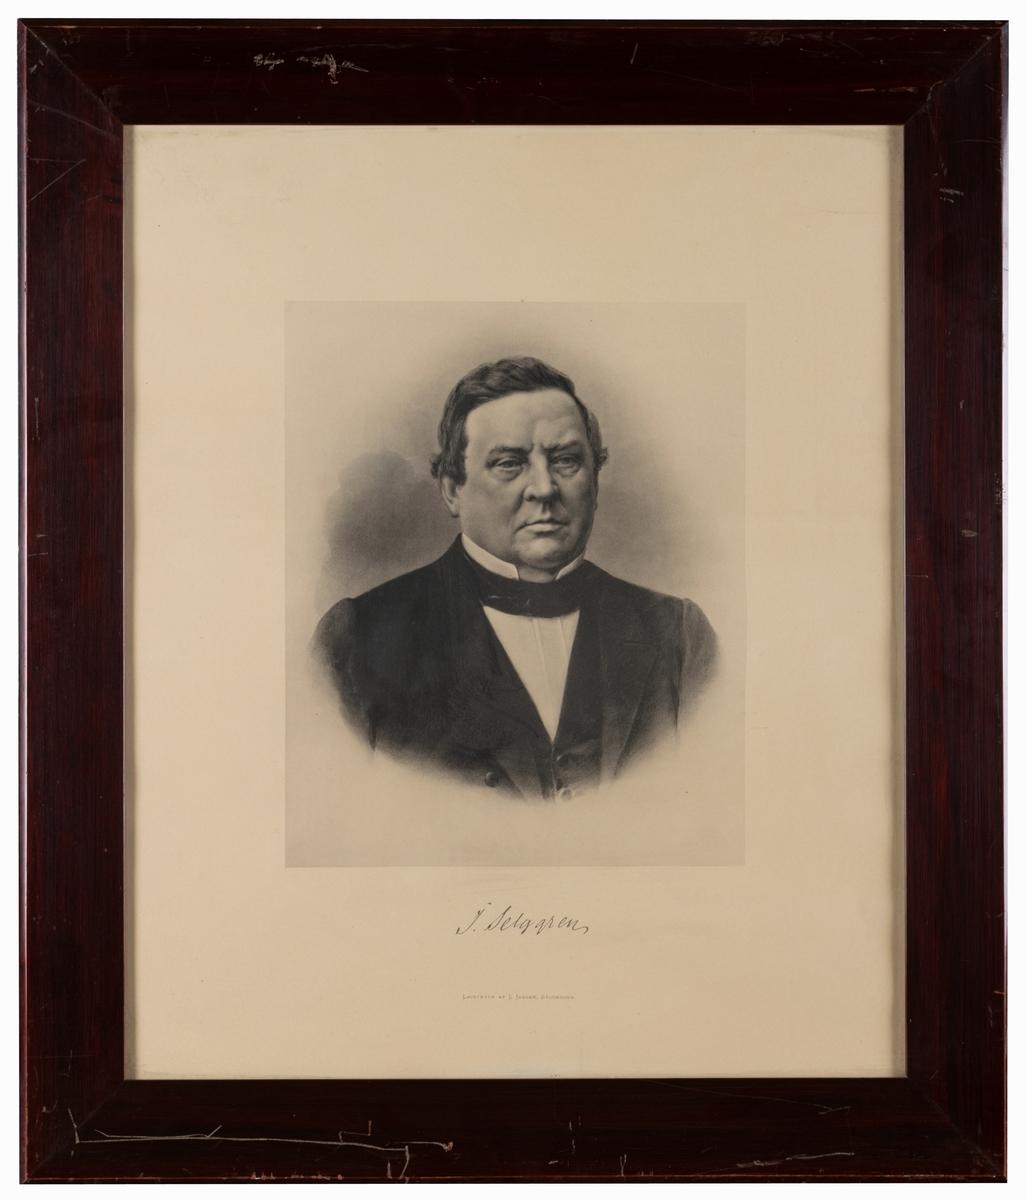 Porträtt, ljustryck, föreställande rektor J Selggren. Mahognyfärgad ram av trä.